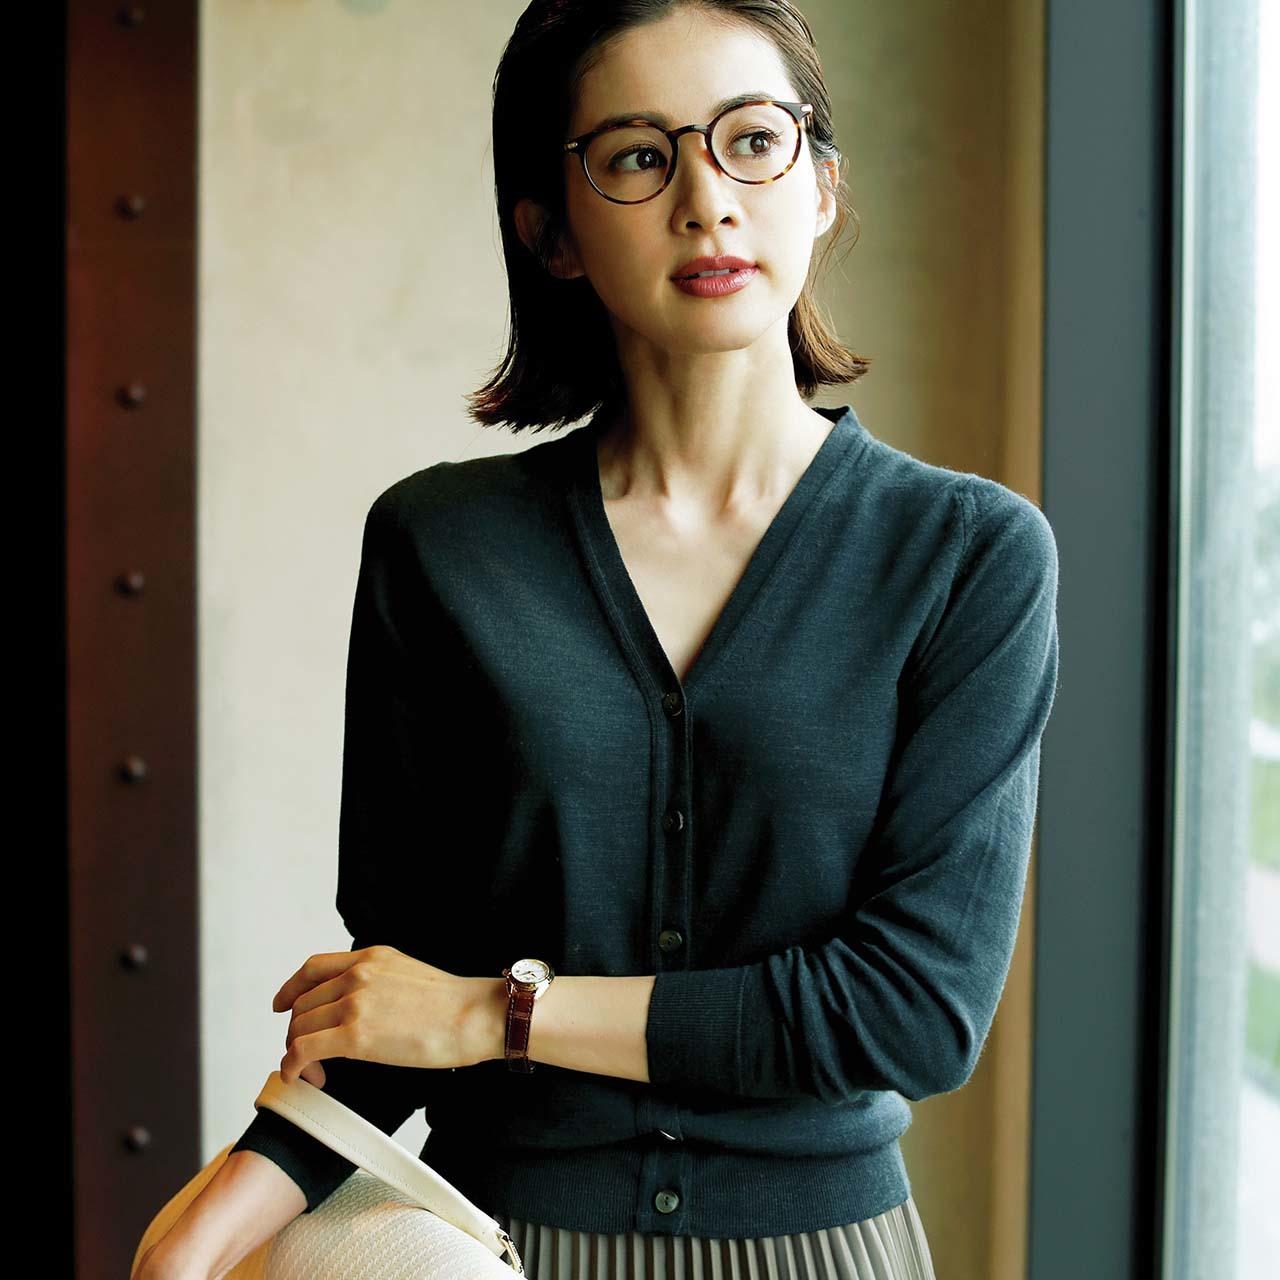 Vネックカーディガン+丸メガネコーデを着たモデルの高垣麗子さん